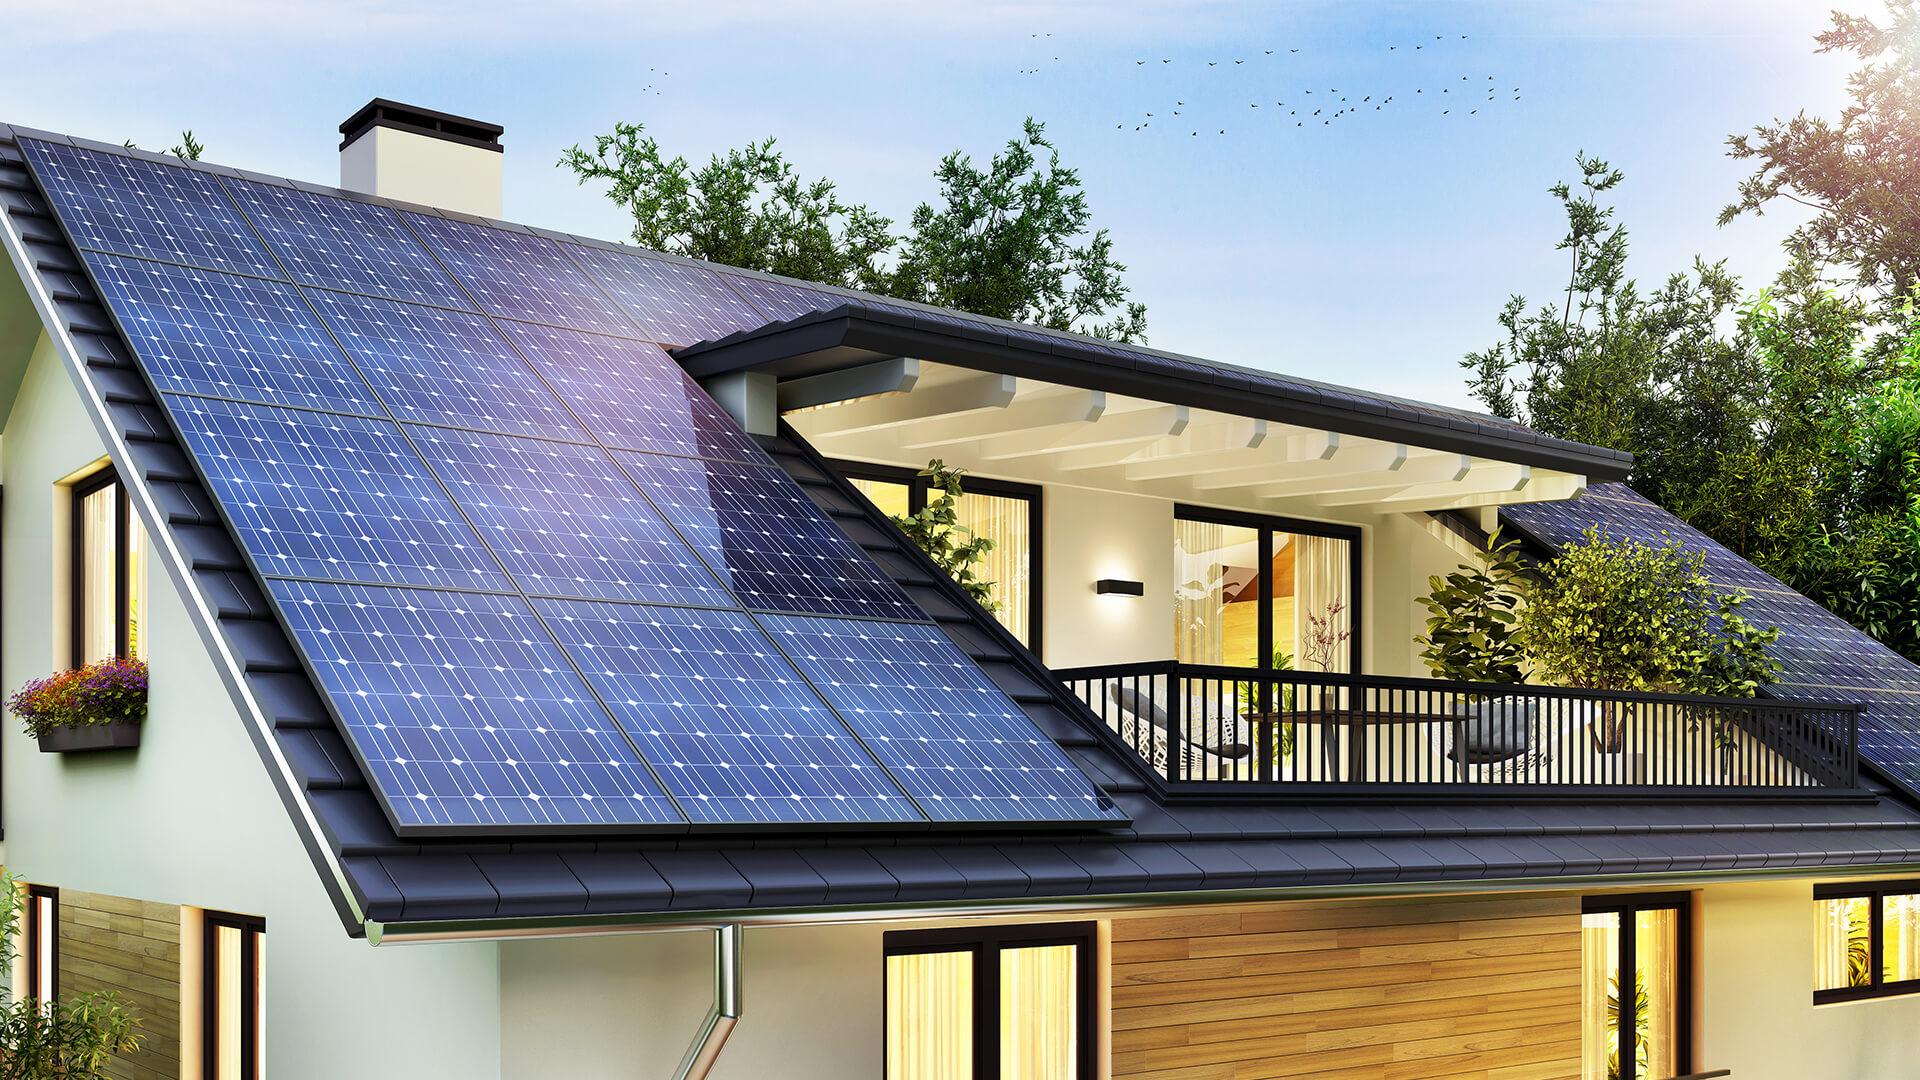 Solar paneled house